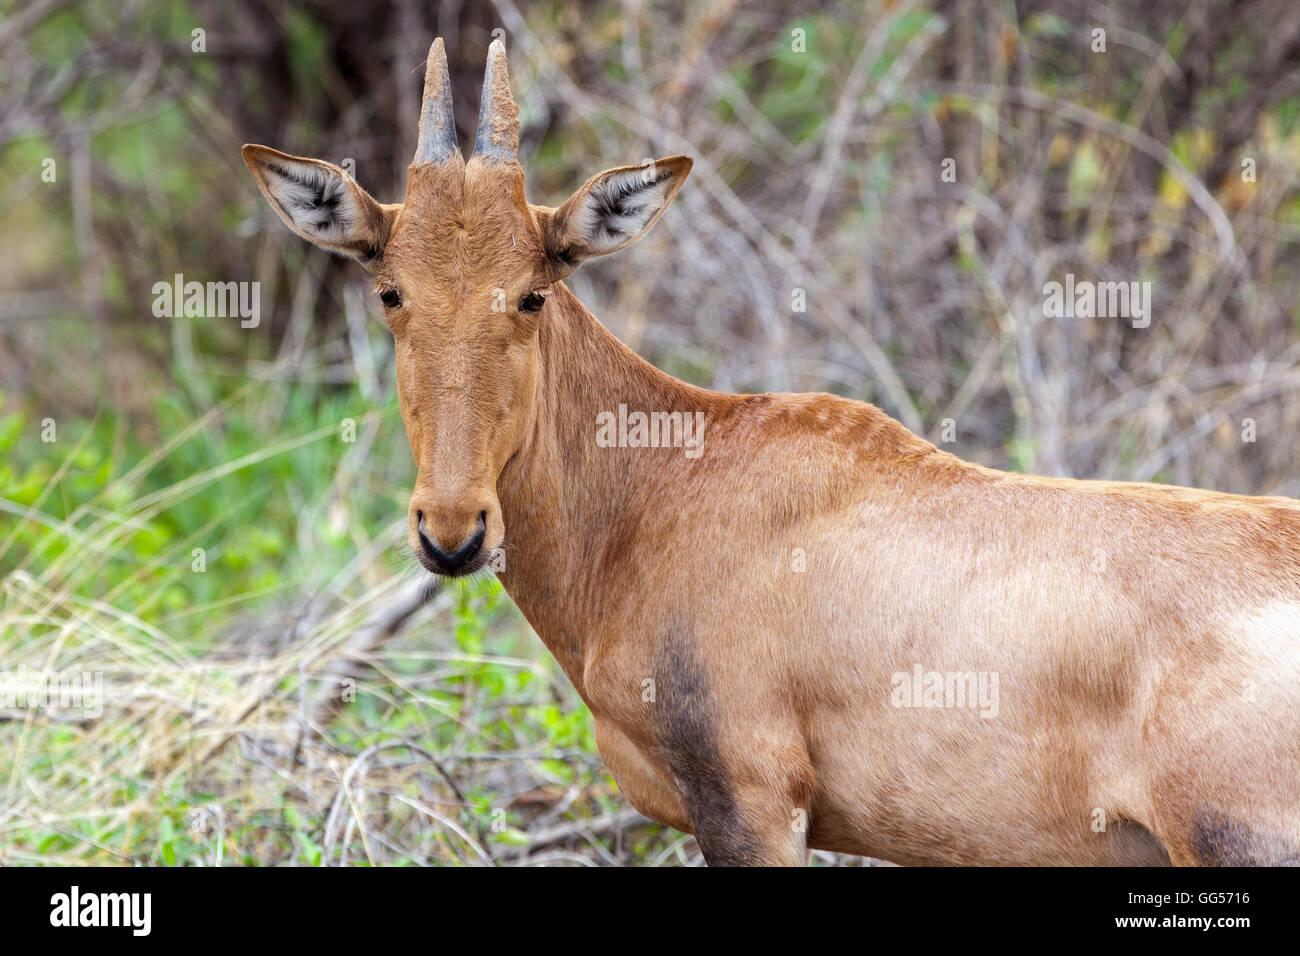 Etosha National Park Namibia Red Hartebeest (Alcelaphus buselaphus caama) - Stock Image